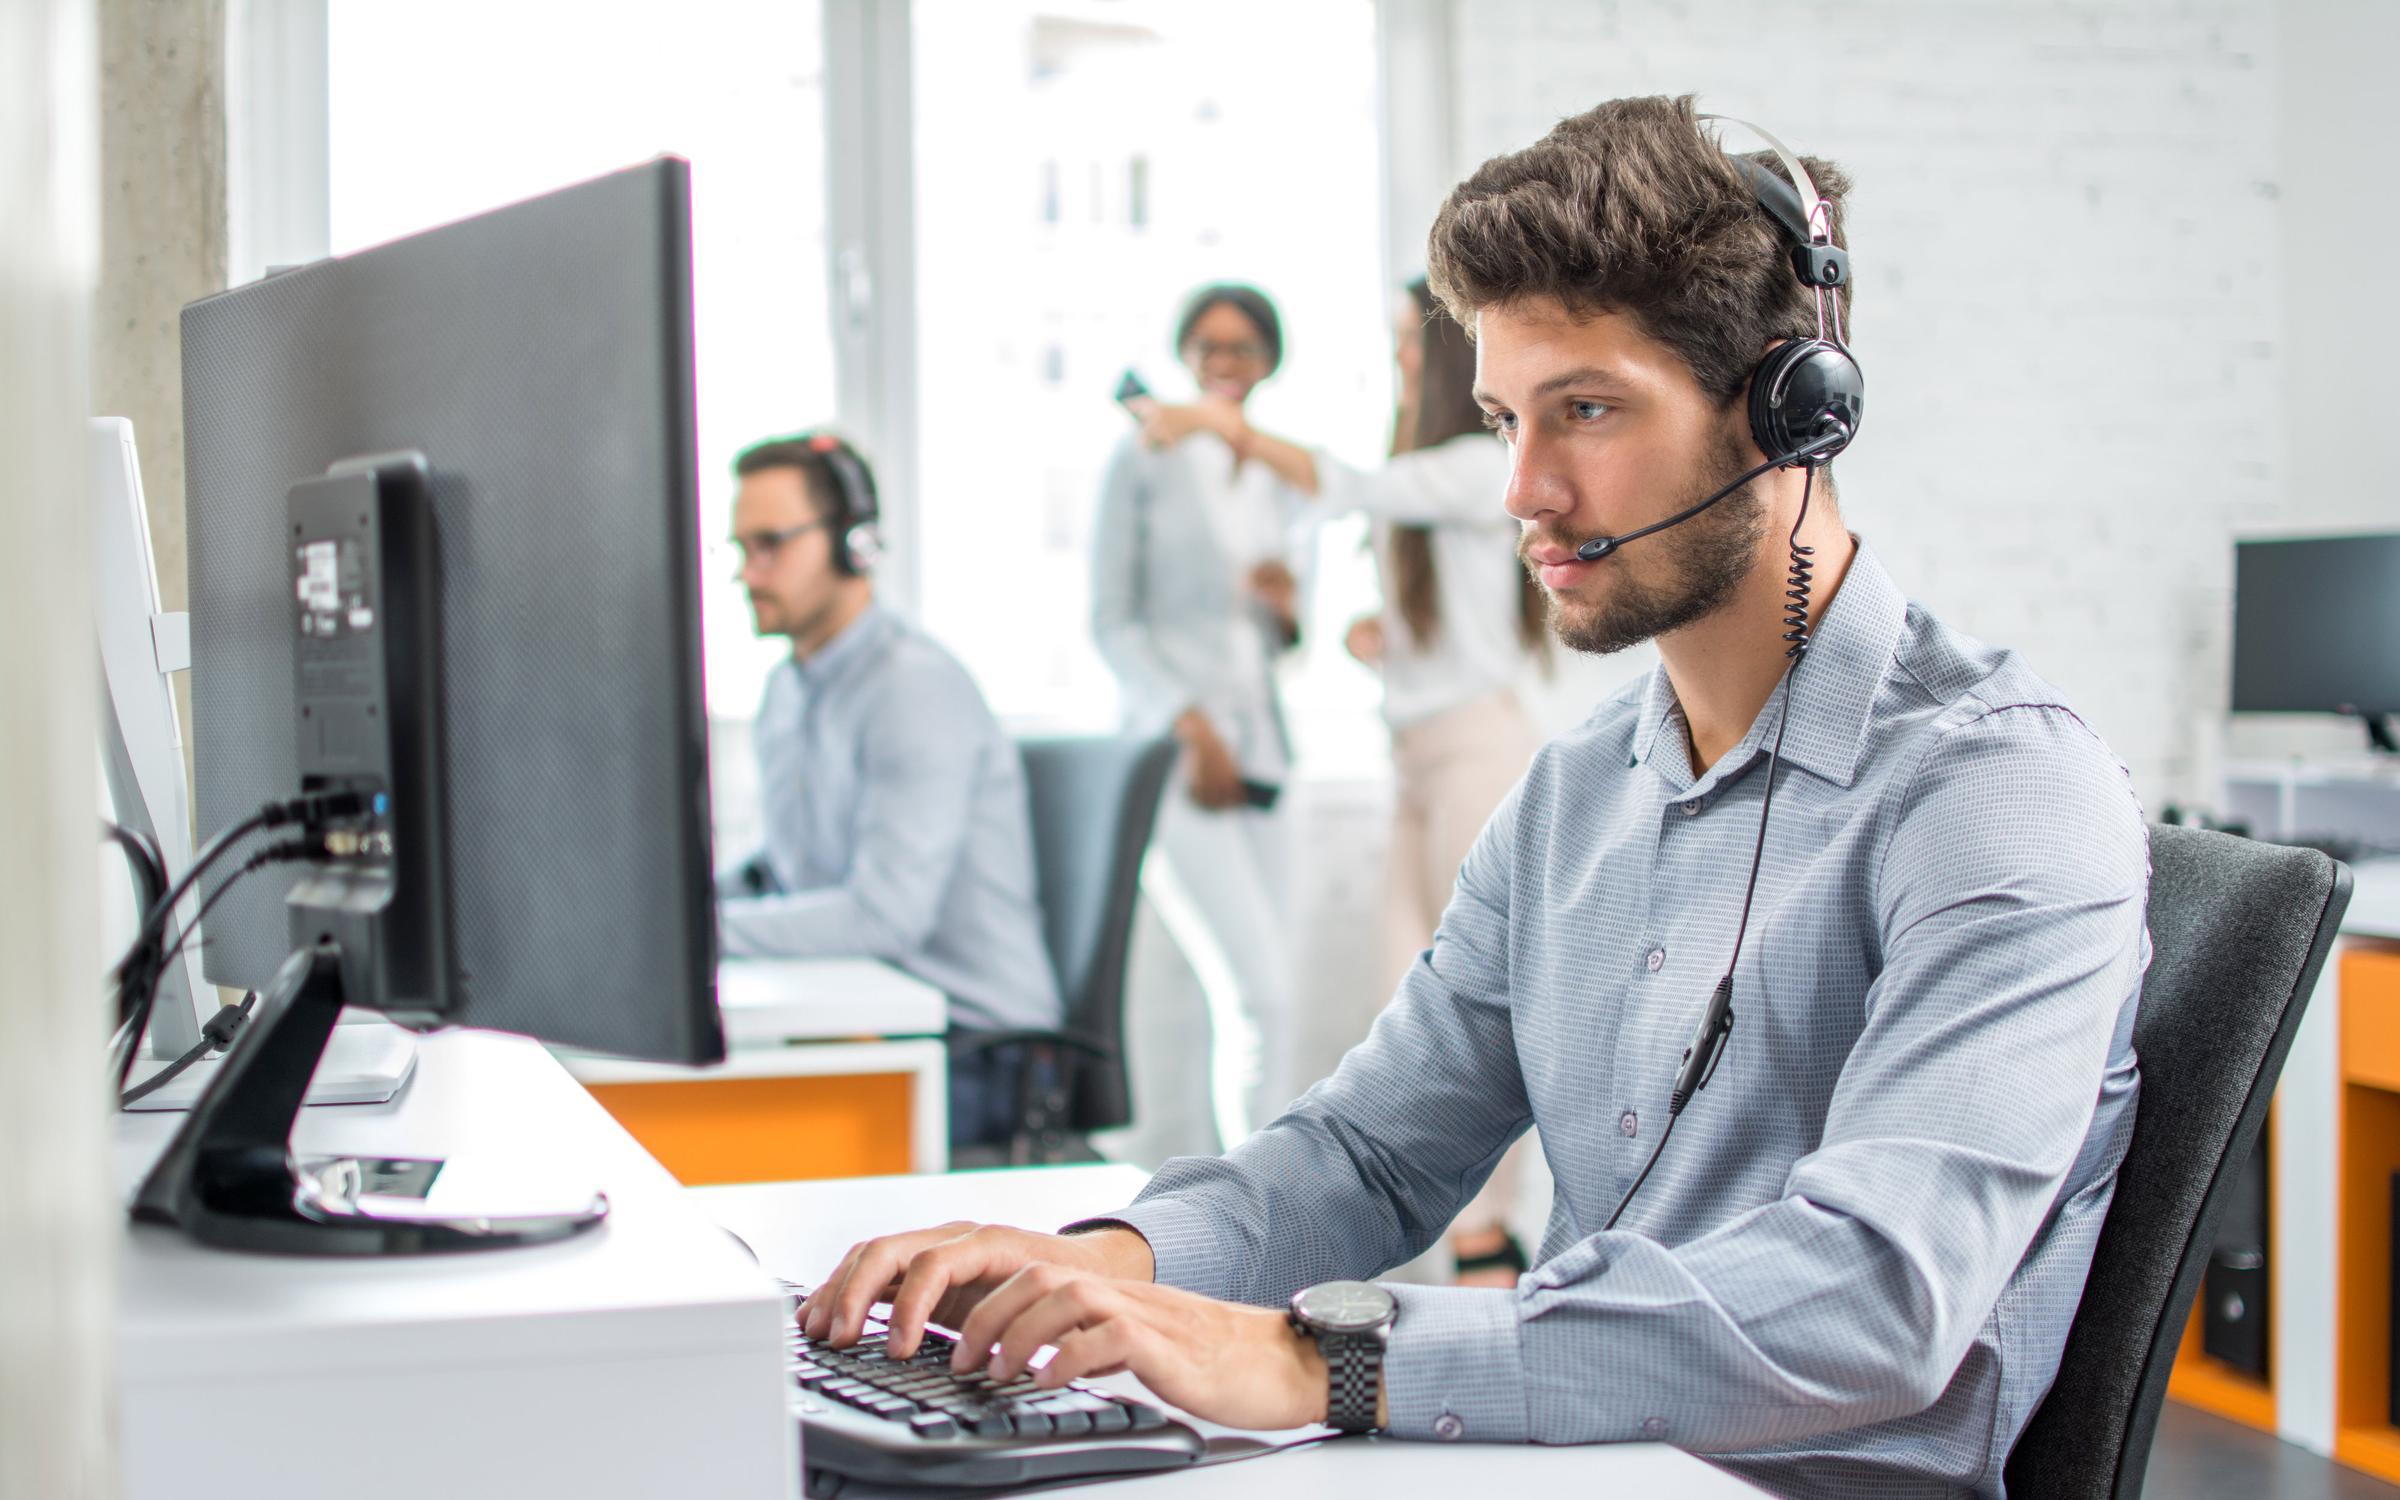 Техническая поддержка работа удаленно удаленная работа в сети интернет на дому без вложений